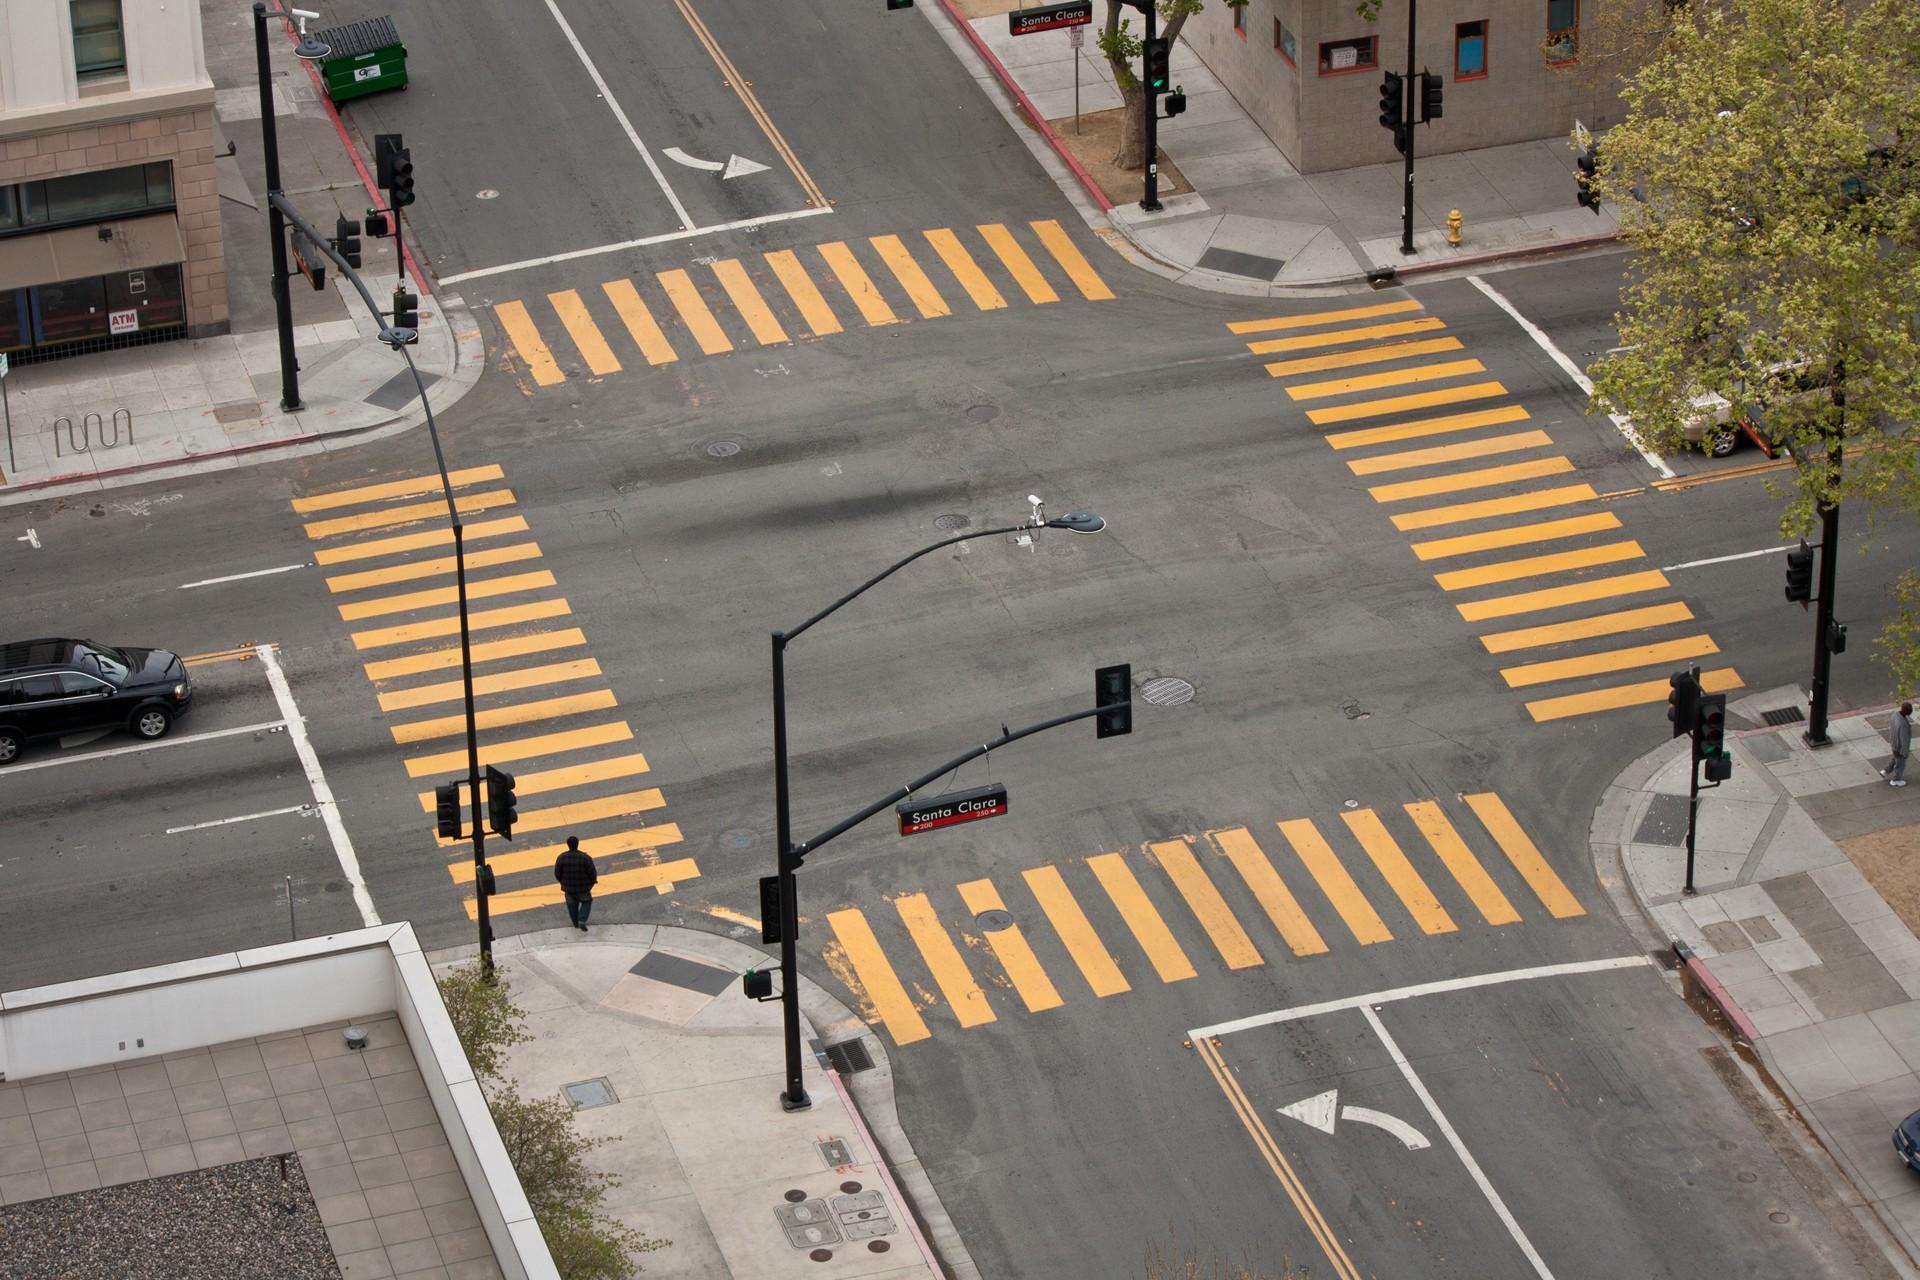 однокомнатная перекрестки дорог в картинках папье-маше всегда вызывают